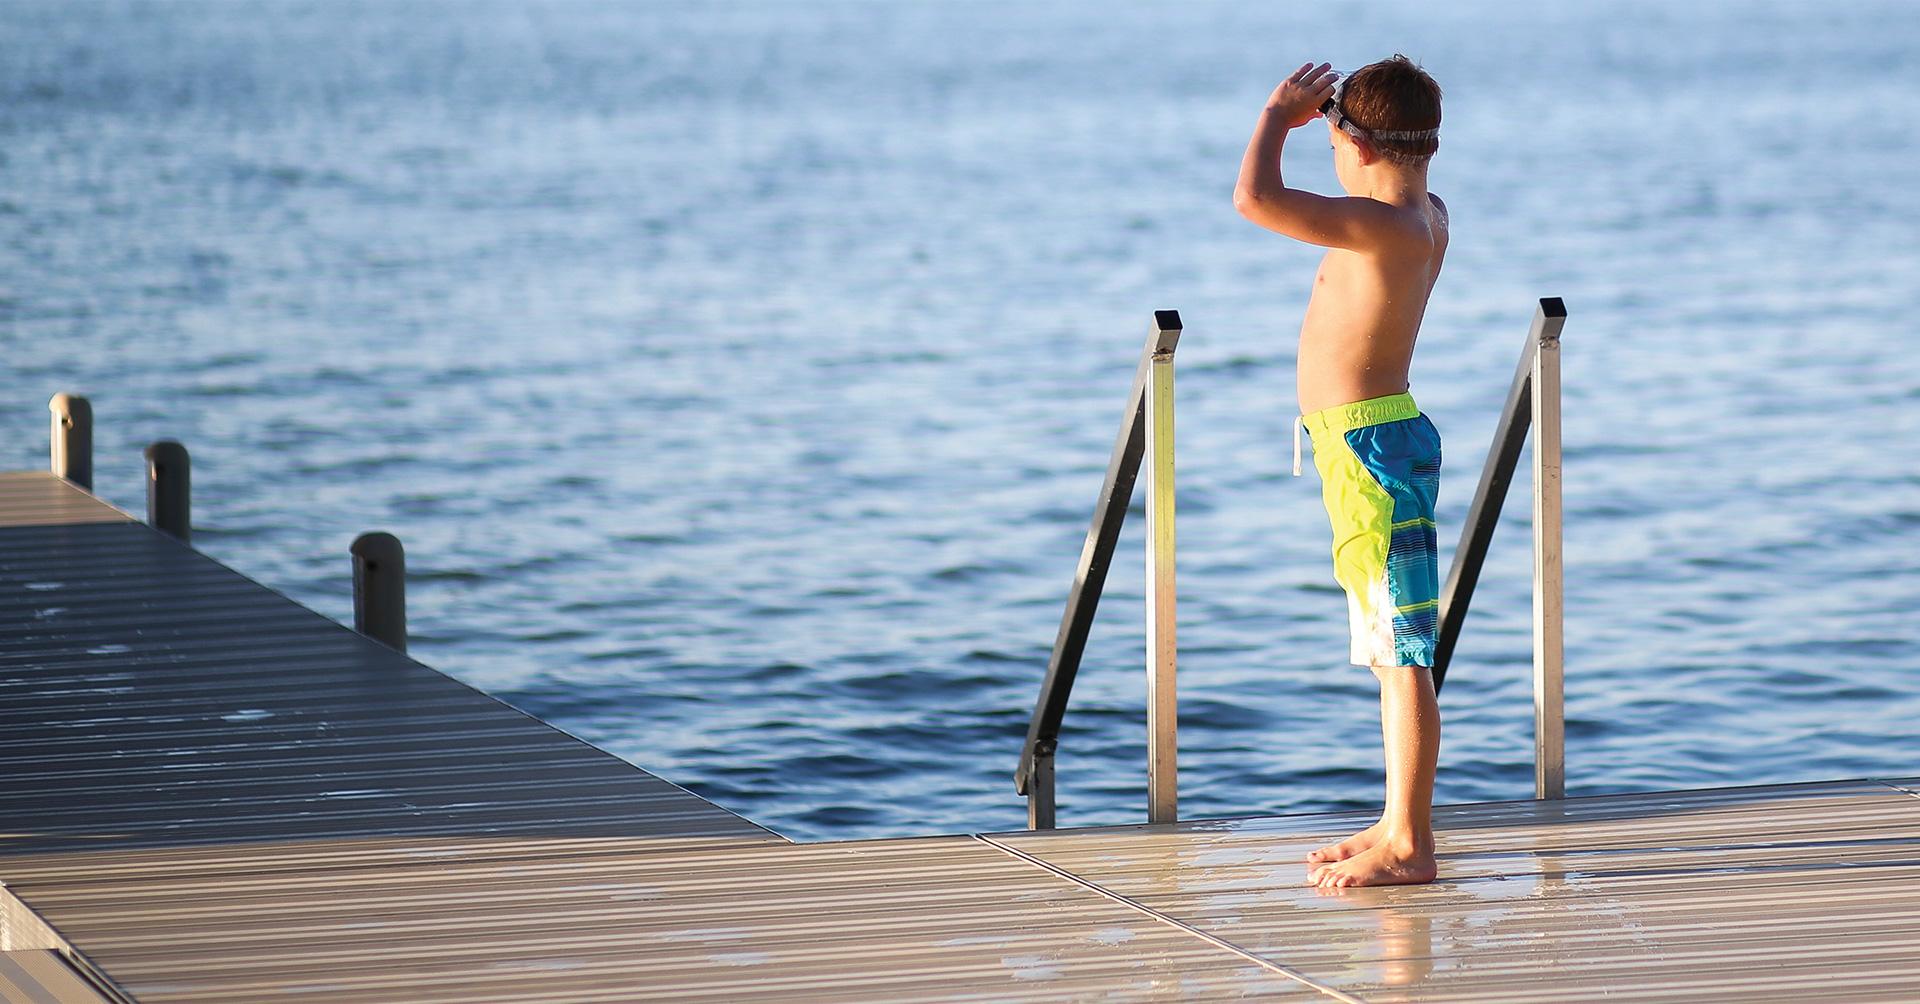 Getting ready to swim on a Porta-Dock dock